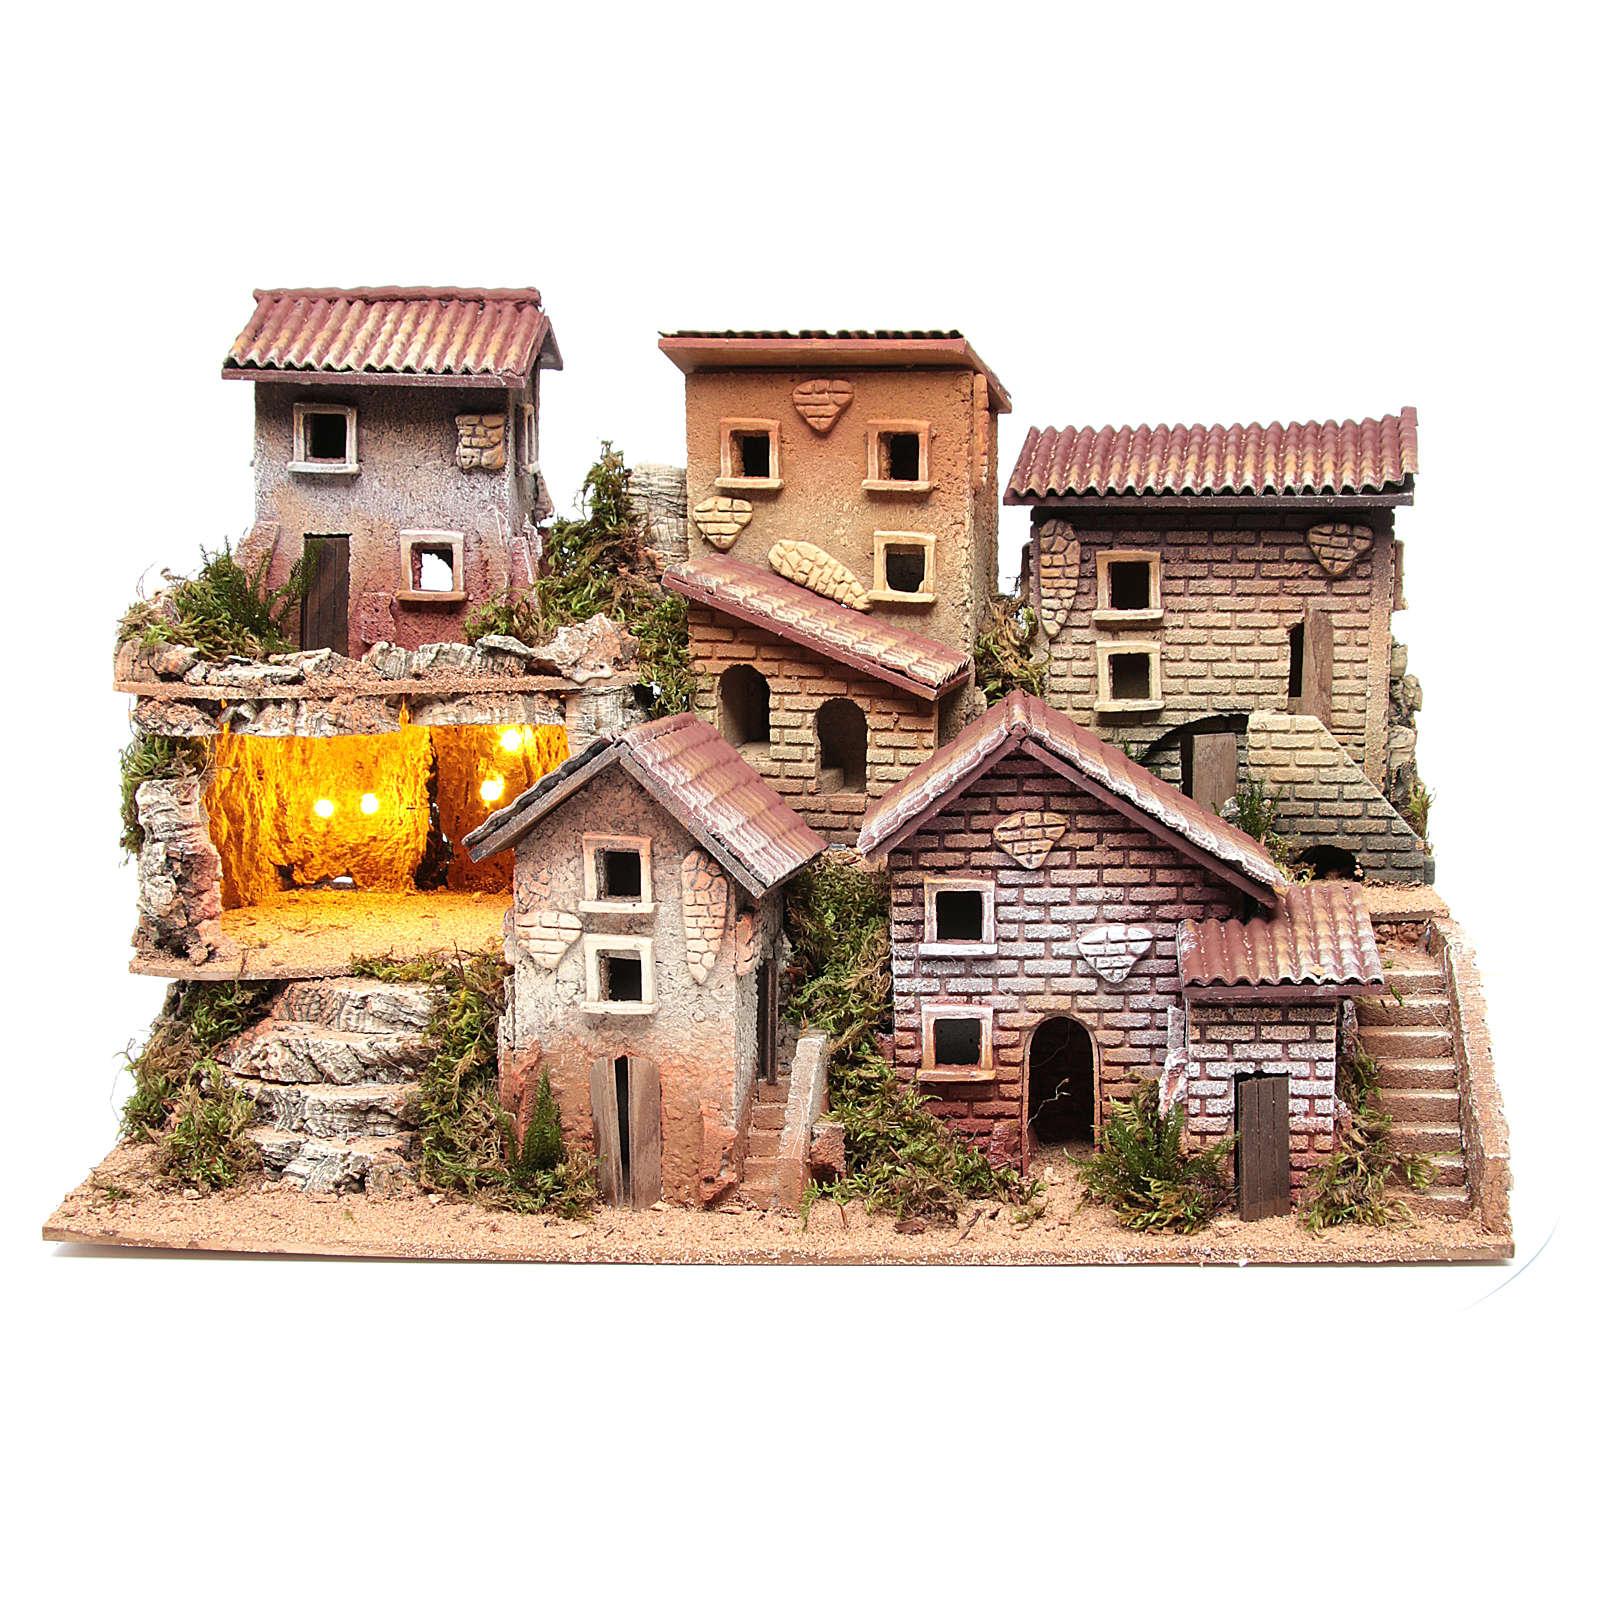 Borgo presepe illuminato con grotta 33x60x25 cm 4